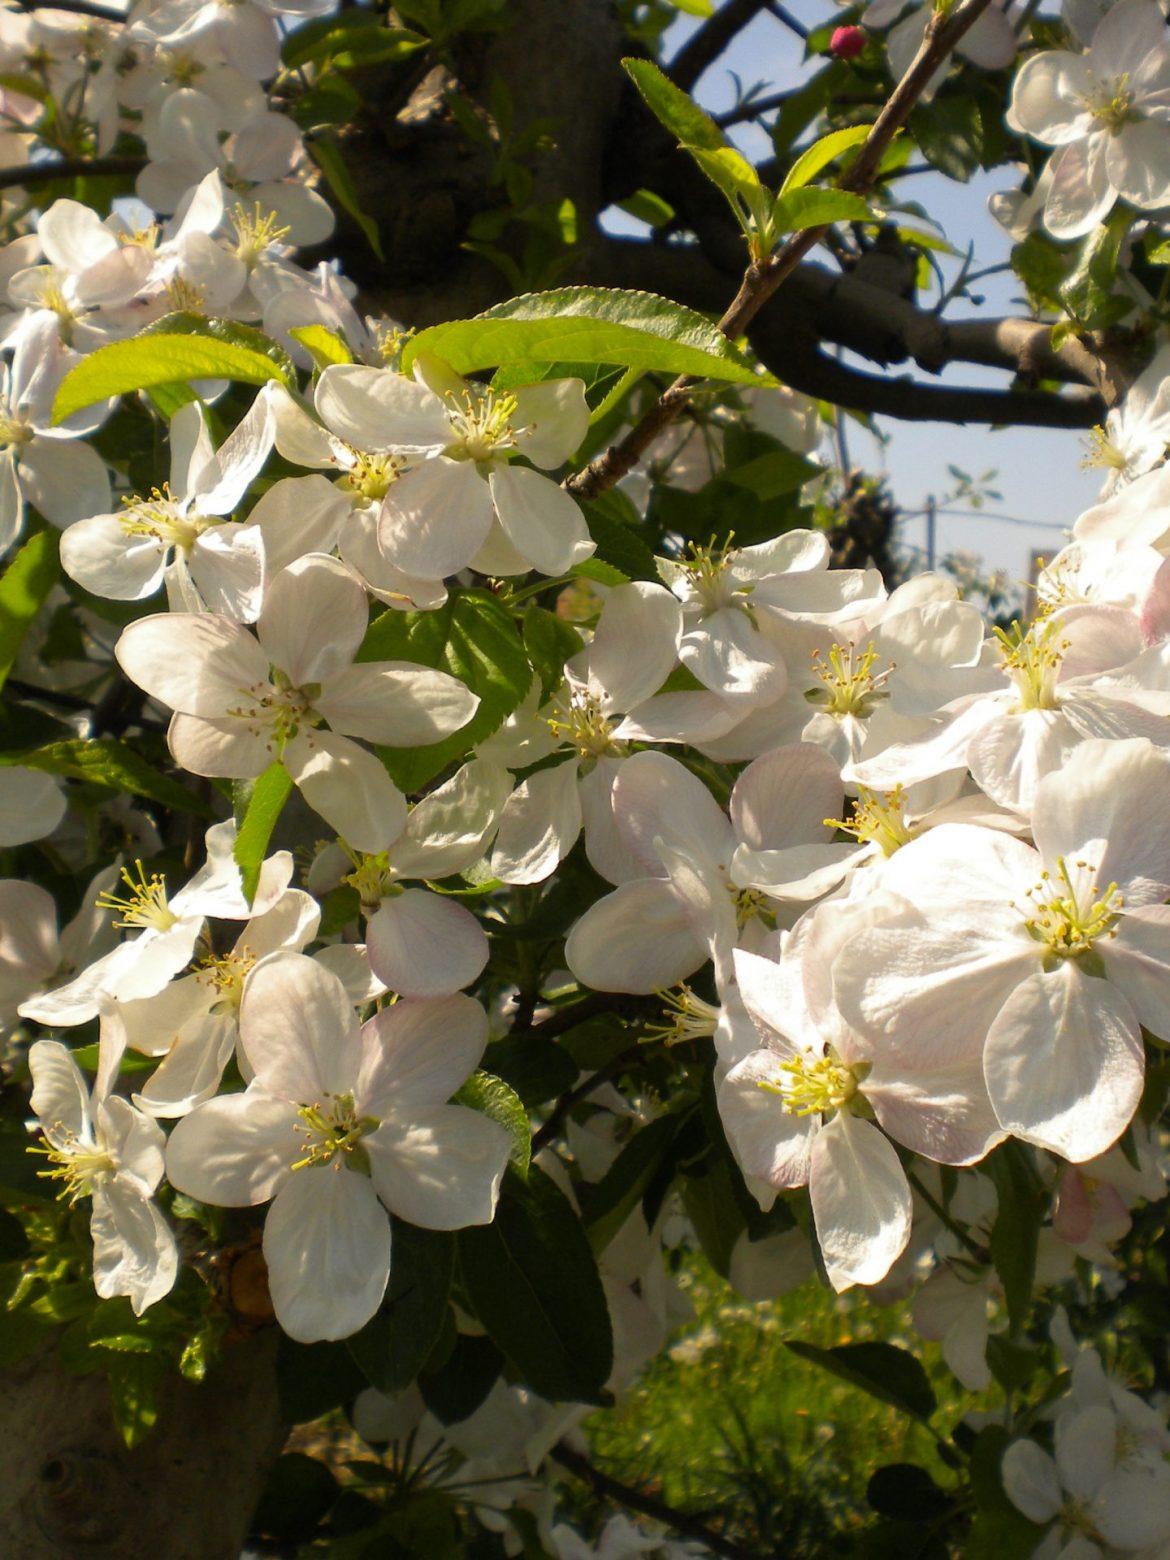 Saveti naše stručne službe za voćarstvo za tretmane u cvetanju jabučastog voća.